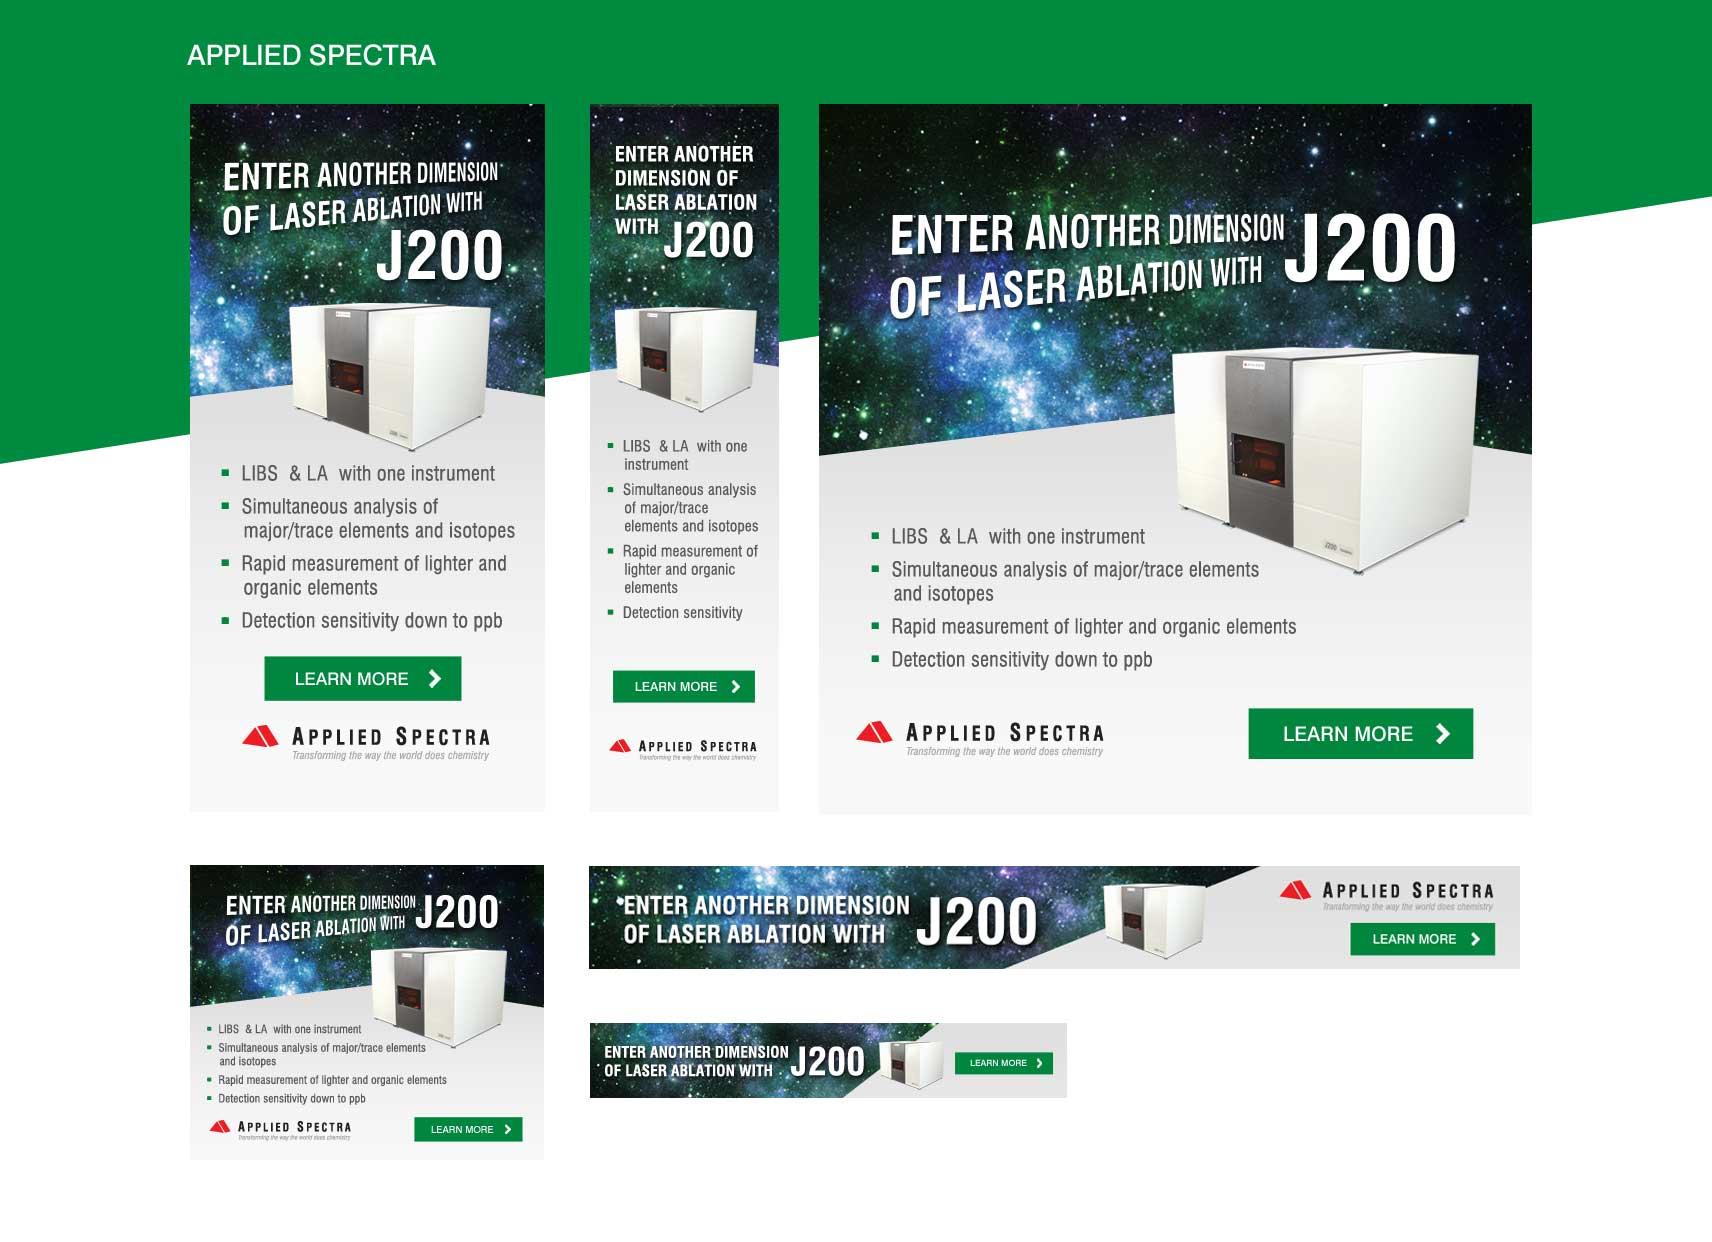 Applied Spectra Digital Ads